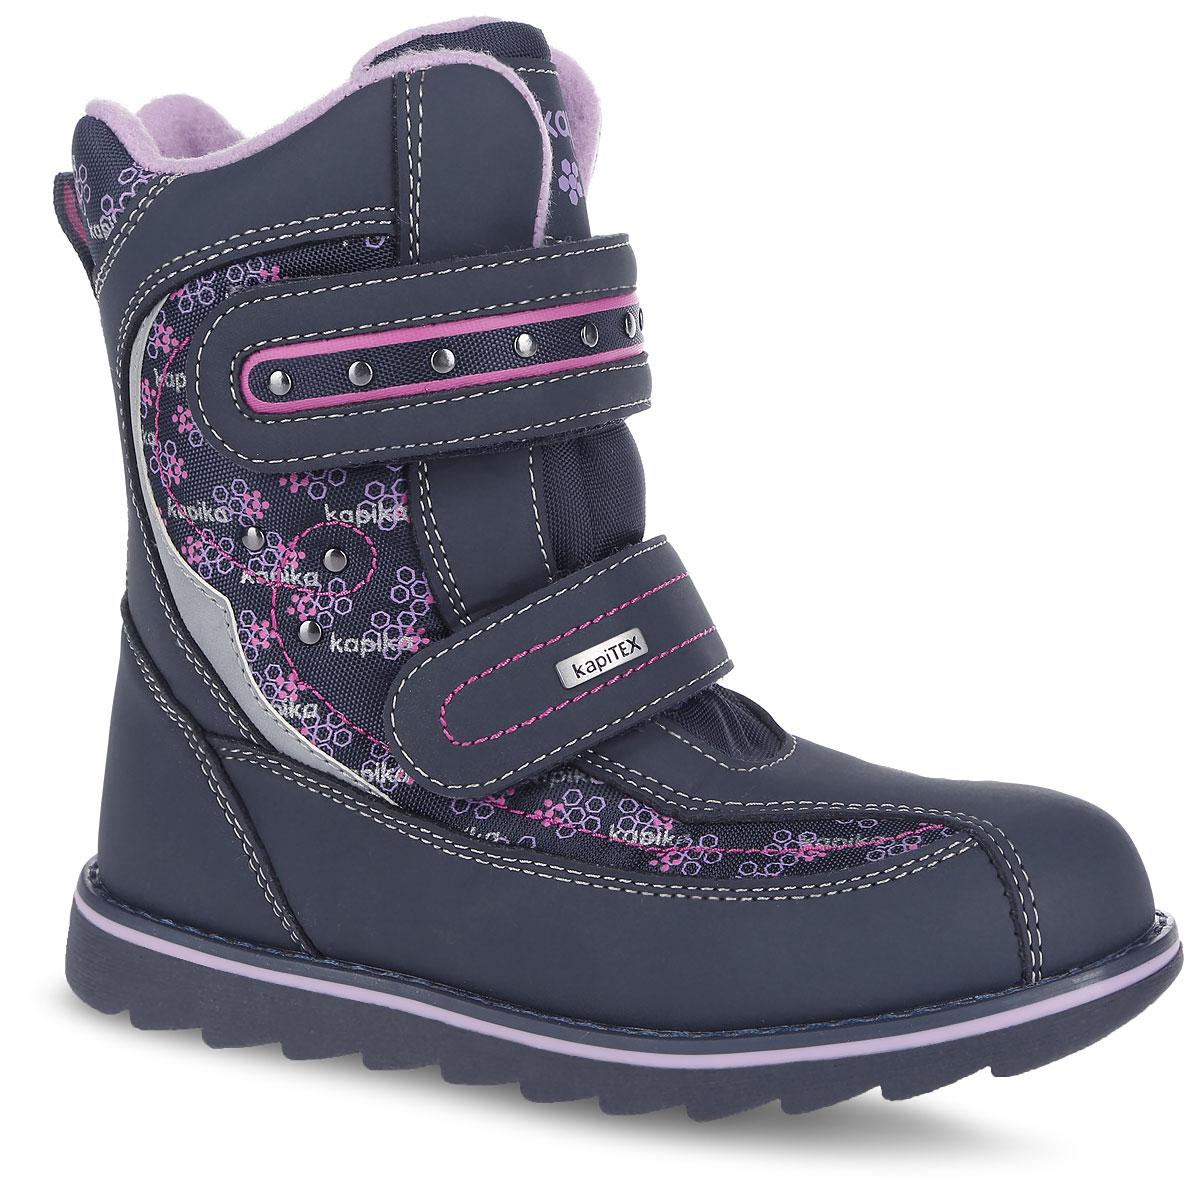 Ботинки для девочки. 43163-143163-1Теплые ботинки от Kapika заинтересуют вашу юную модницу с первого взгляда. Ботинки выполнены из искусственной кожи с вставками из текстиля. Модель оформлена оригинальным принтом и фирменными нашивками. Модель фиксируется на ноге с помощью удобных ремешков с застежками-липучками. Ярлычок на заднике облегчает надевание обуви. Подошва изготовлена из прочного и легкого ТЭП-материала, а ее рифленая поверхность гарантирует отличное сцепление с любой поверхностью. Стильные и практичные ботинки займут достойное место в гардеробе вашей девочки.